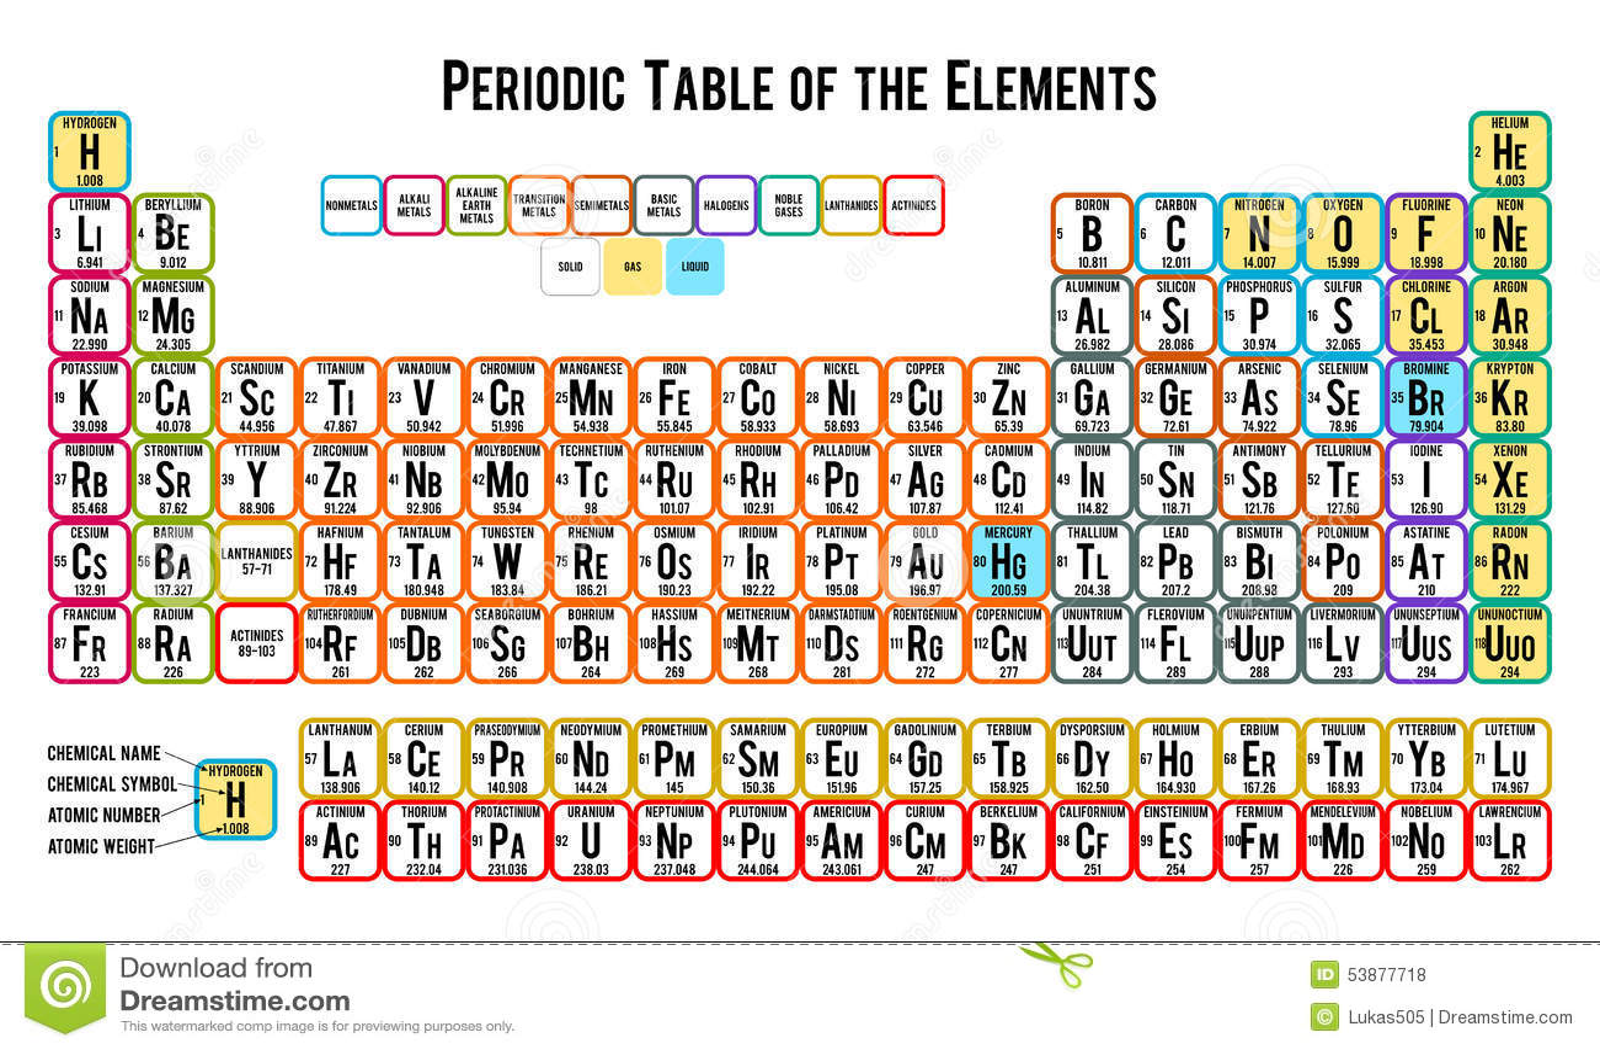 Tabla peridica de los elementos blanca 53877718g tabela periodica completa clara with stock de ilustracin tabla peridica de los elementos blanca image53877718 on urtaz Images